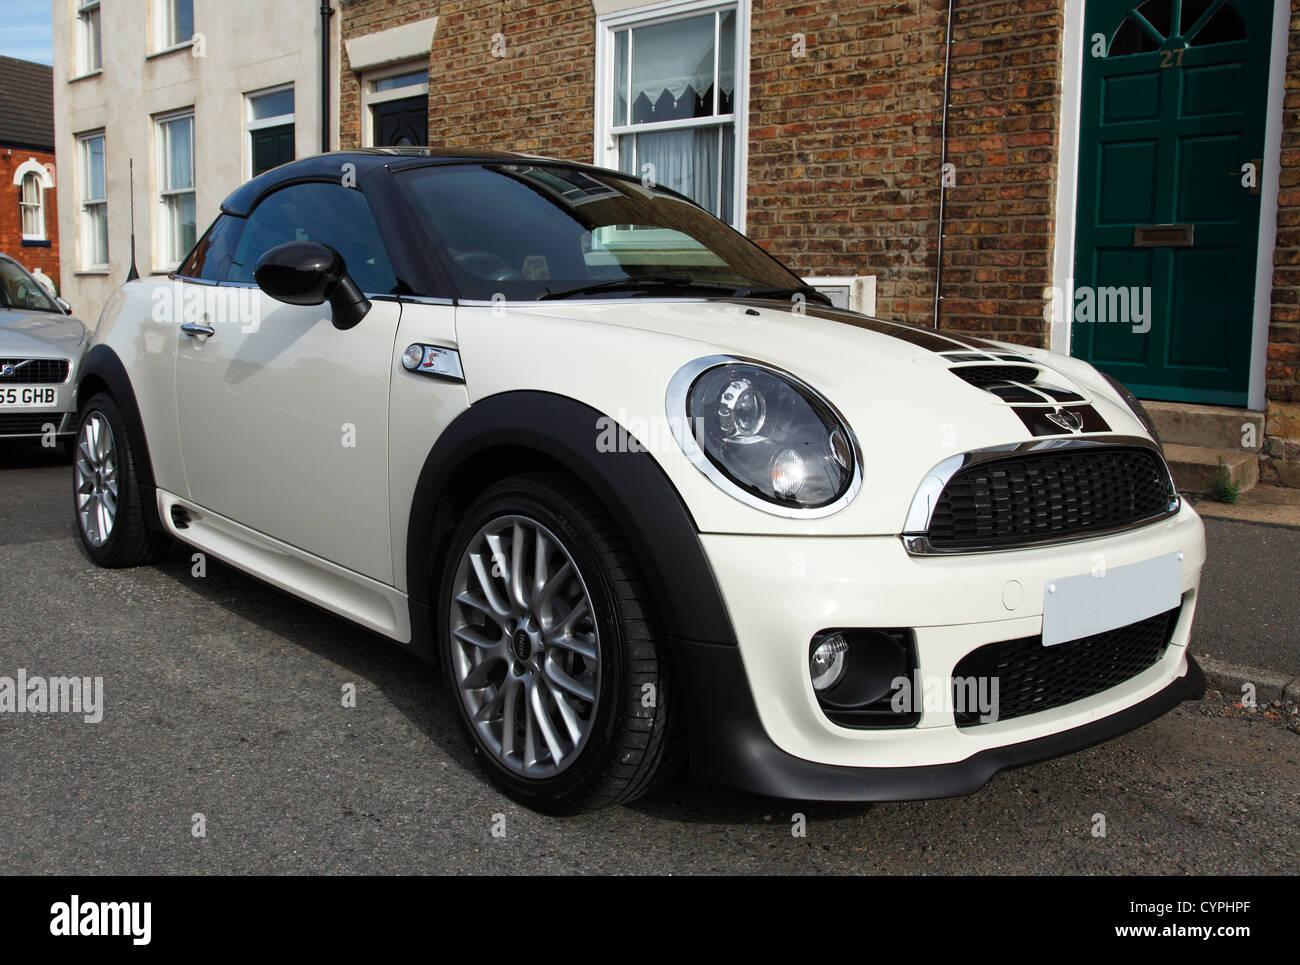 Une MINI Roadster voiture garée dans une rue de l'U.K. Photo Stock